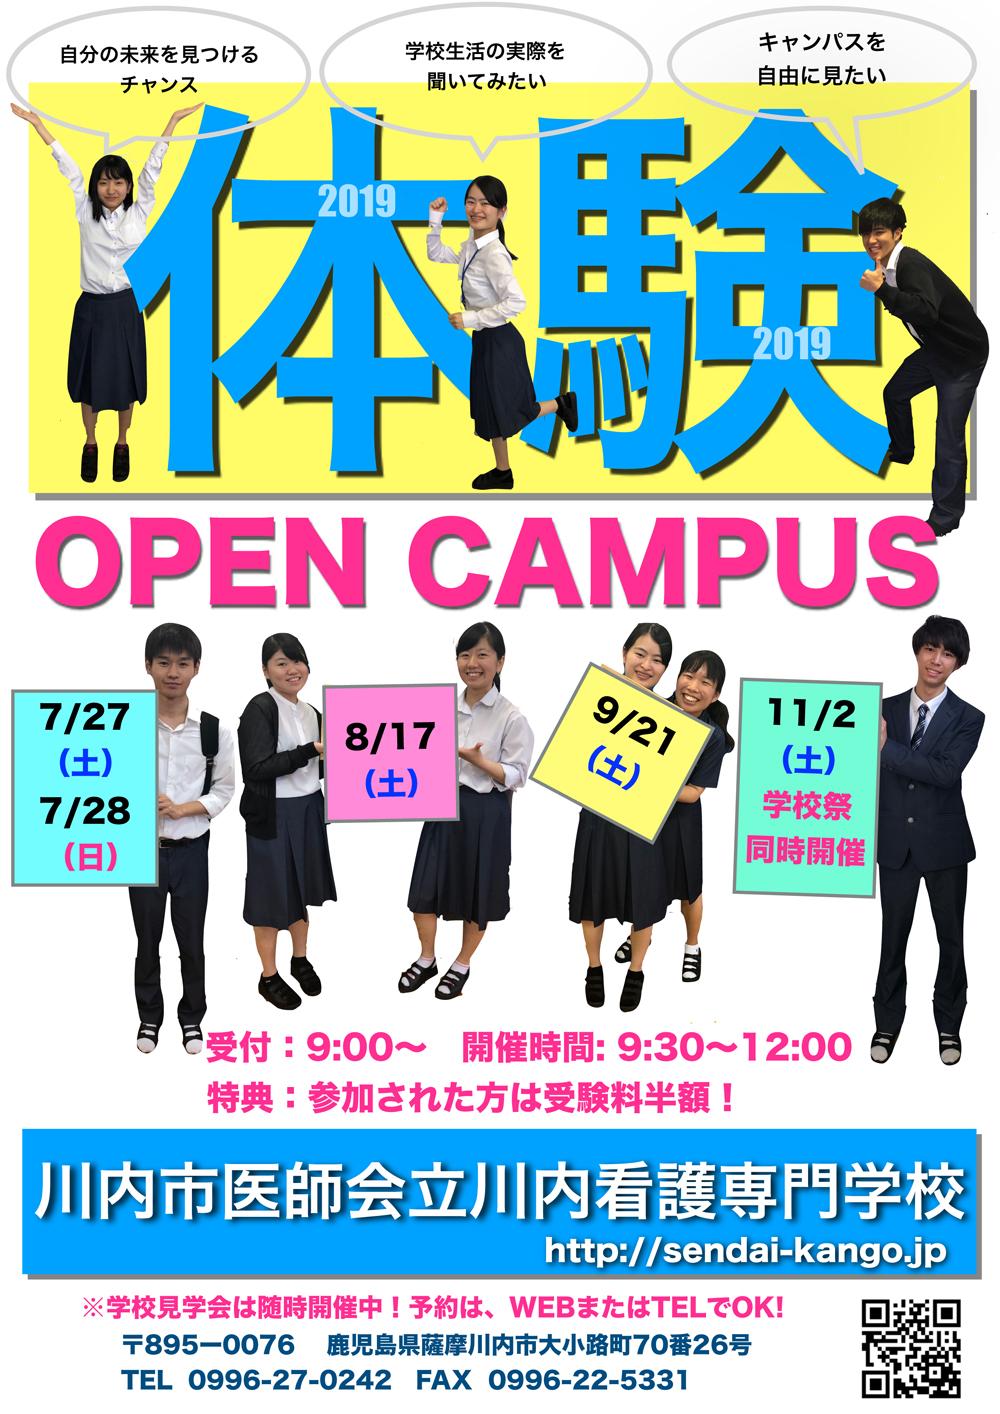 open-campus_2019